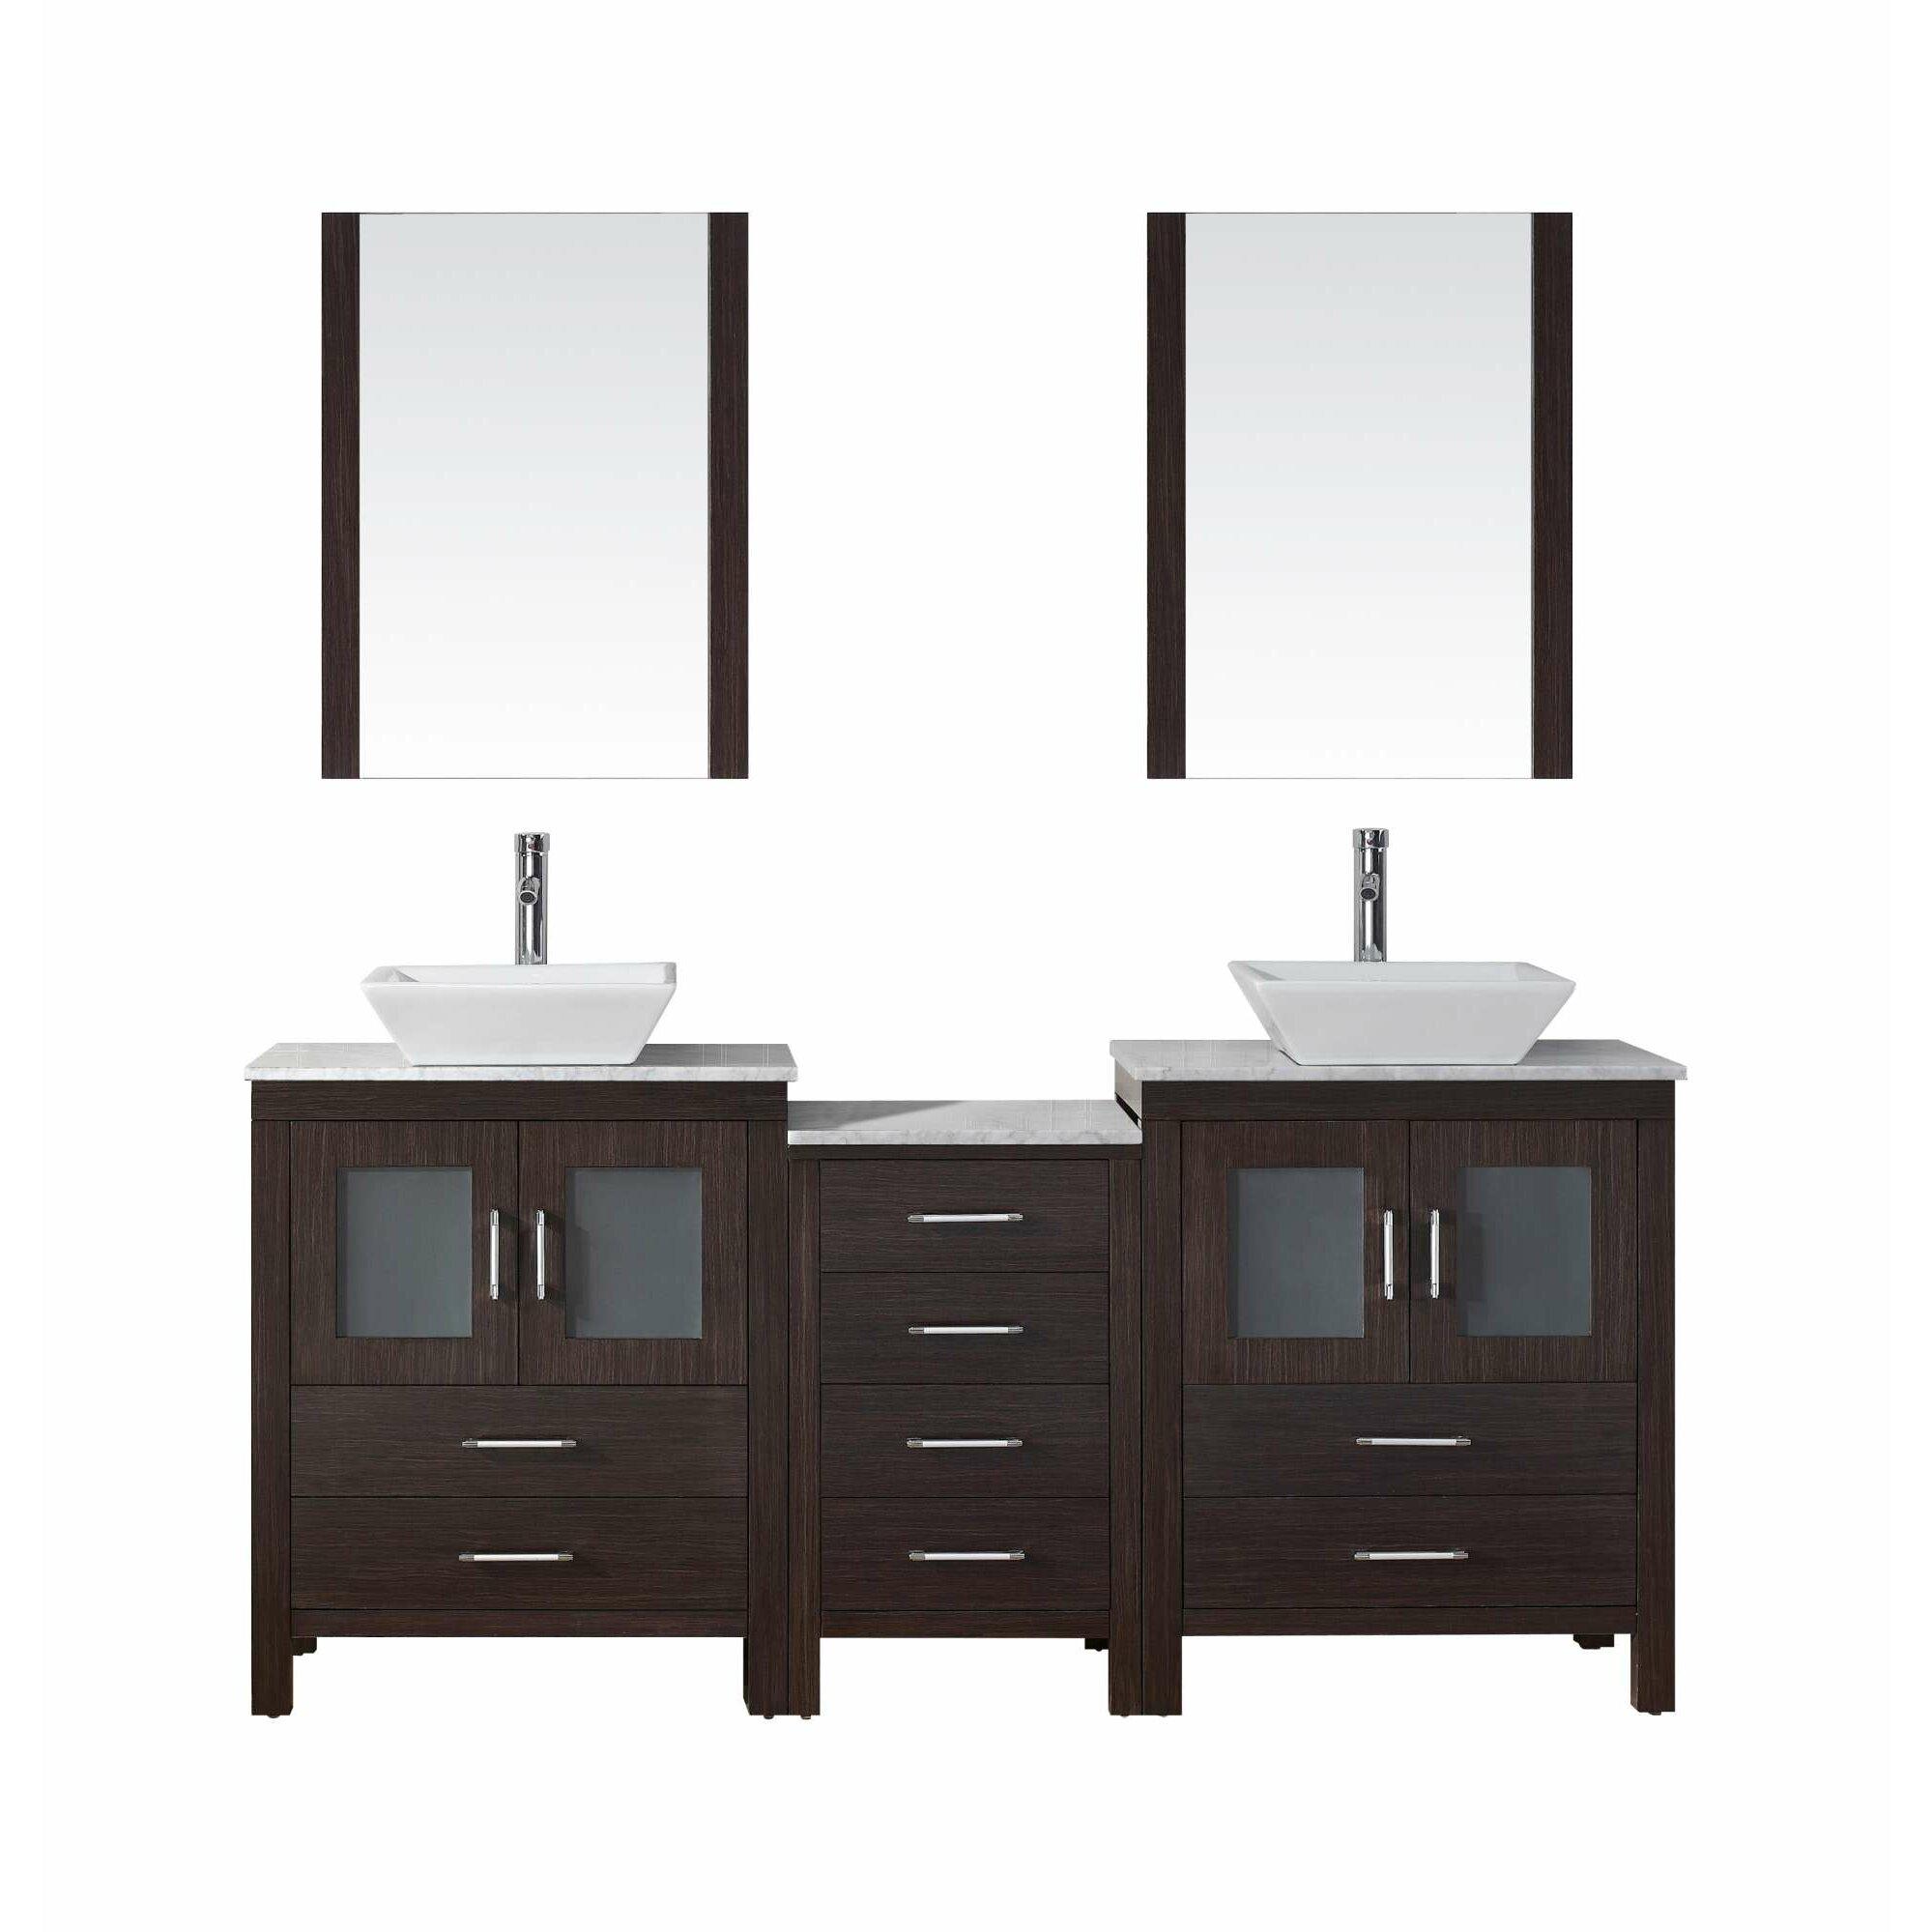 Virtu dior 75 double bathroom vanity set with mirror for Bathroom mirror set